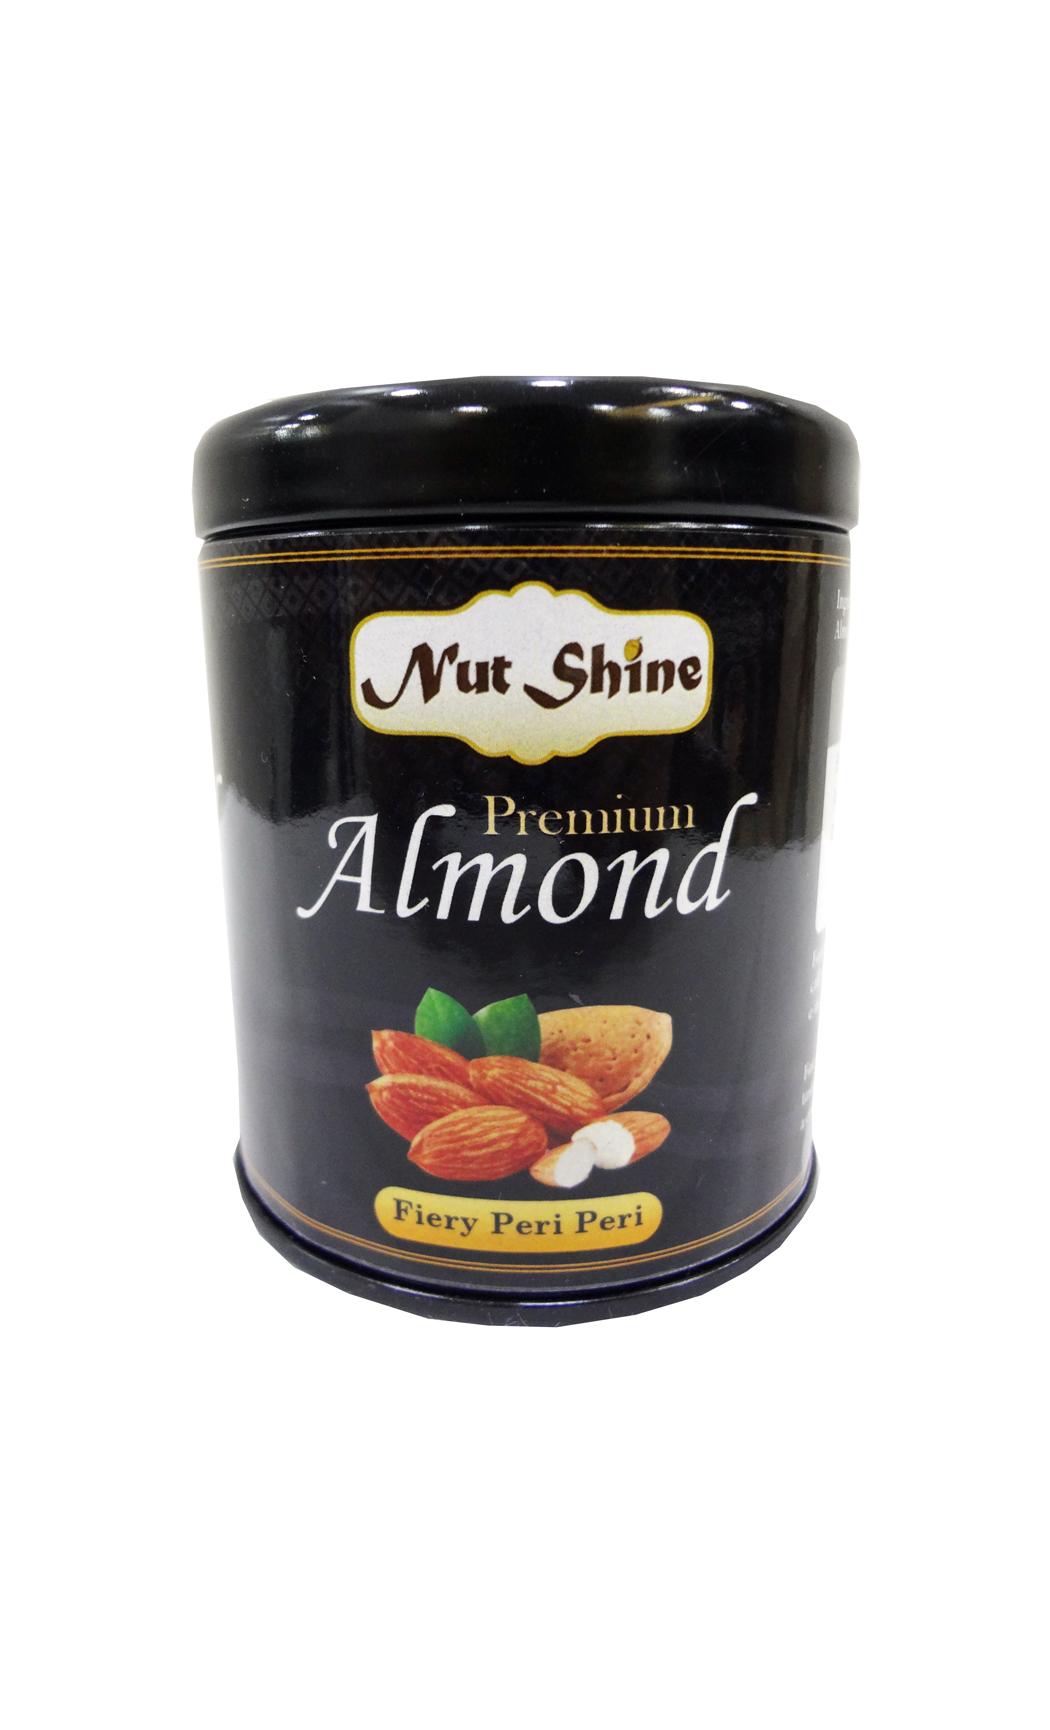 Fiery Peri Peri Almonds 90gms - Buy Online